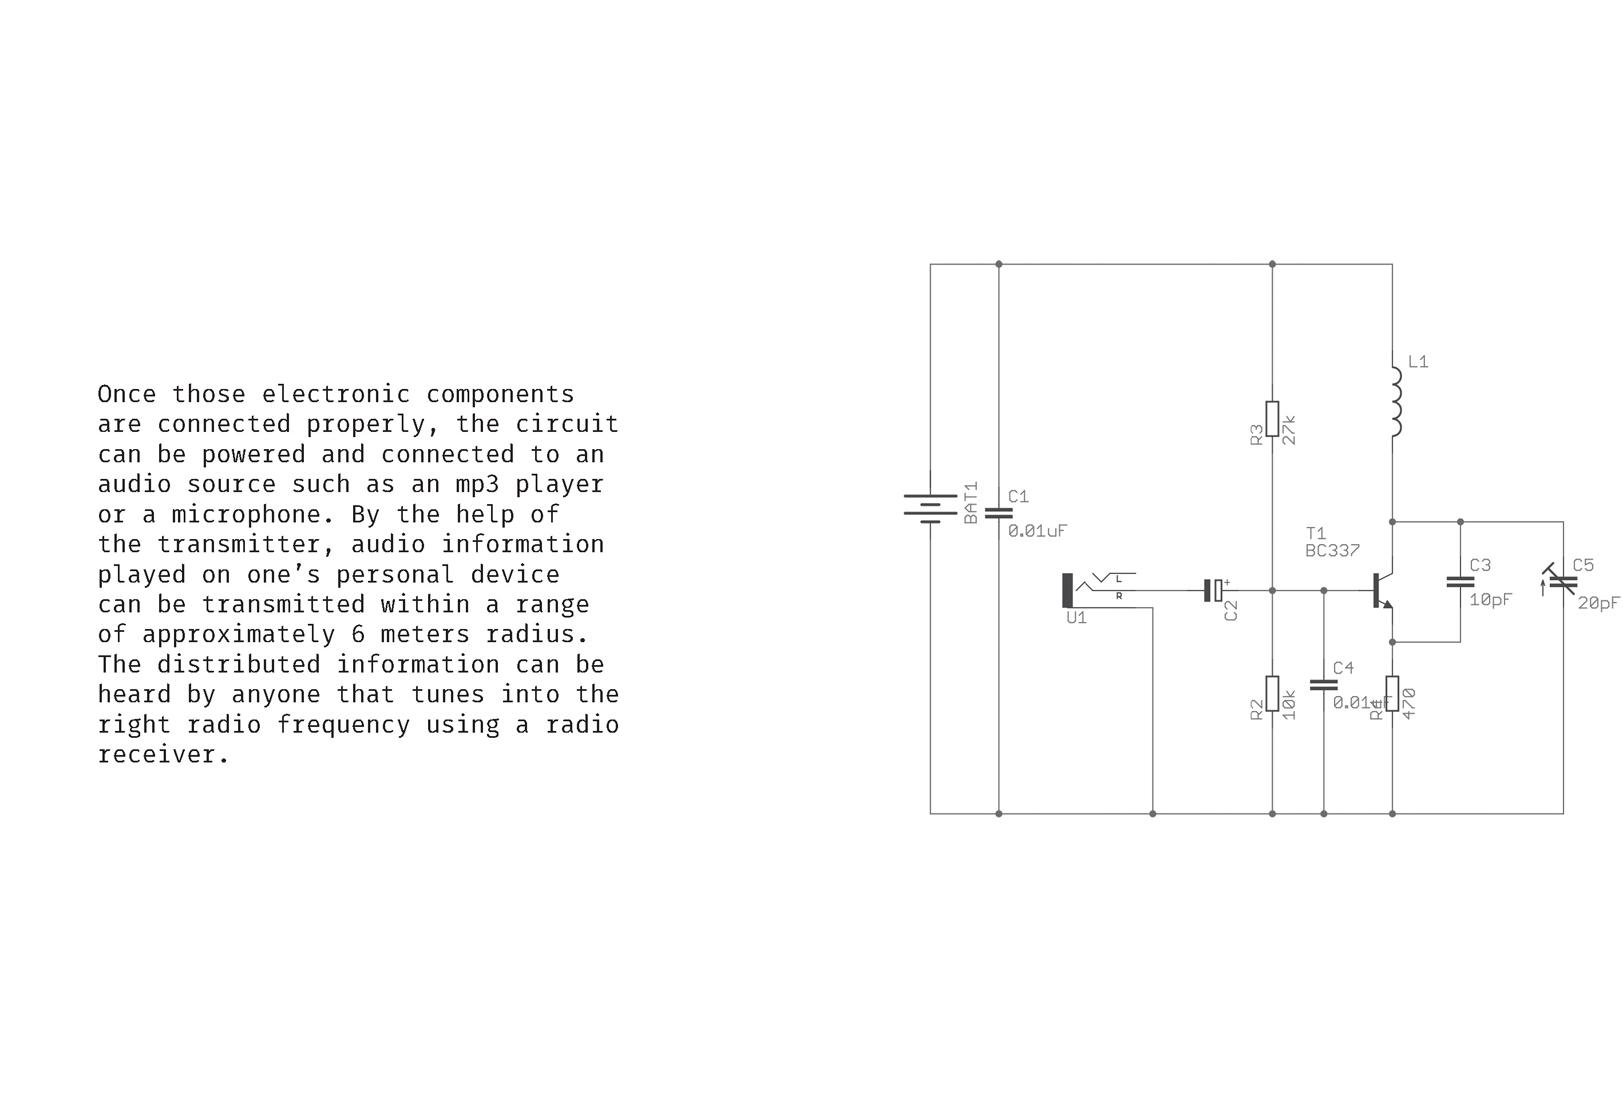 The Knitted Radio 2014 Ebru Kurbak Transmitter Circuit Diagram P8